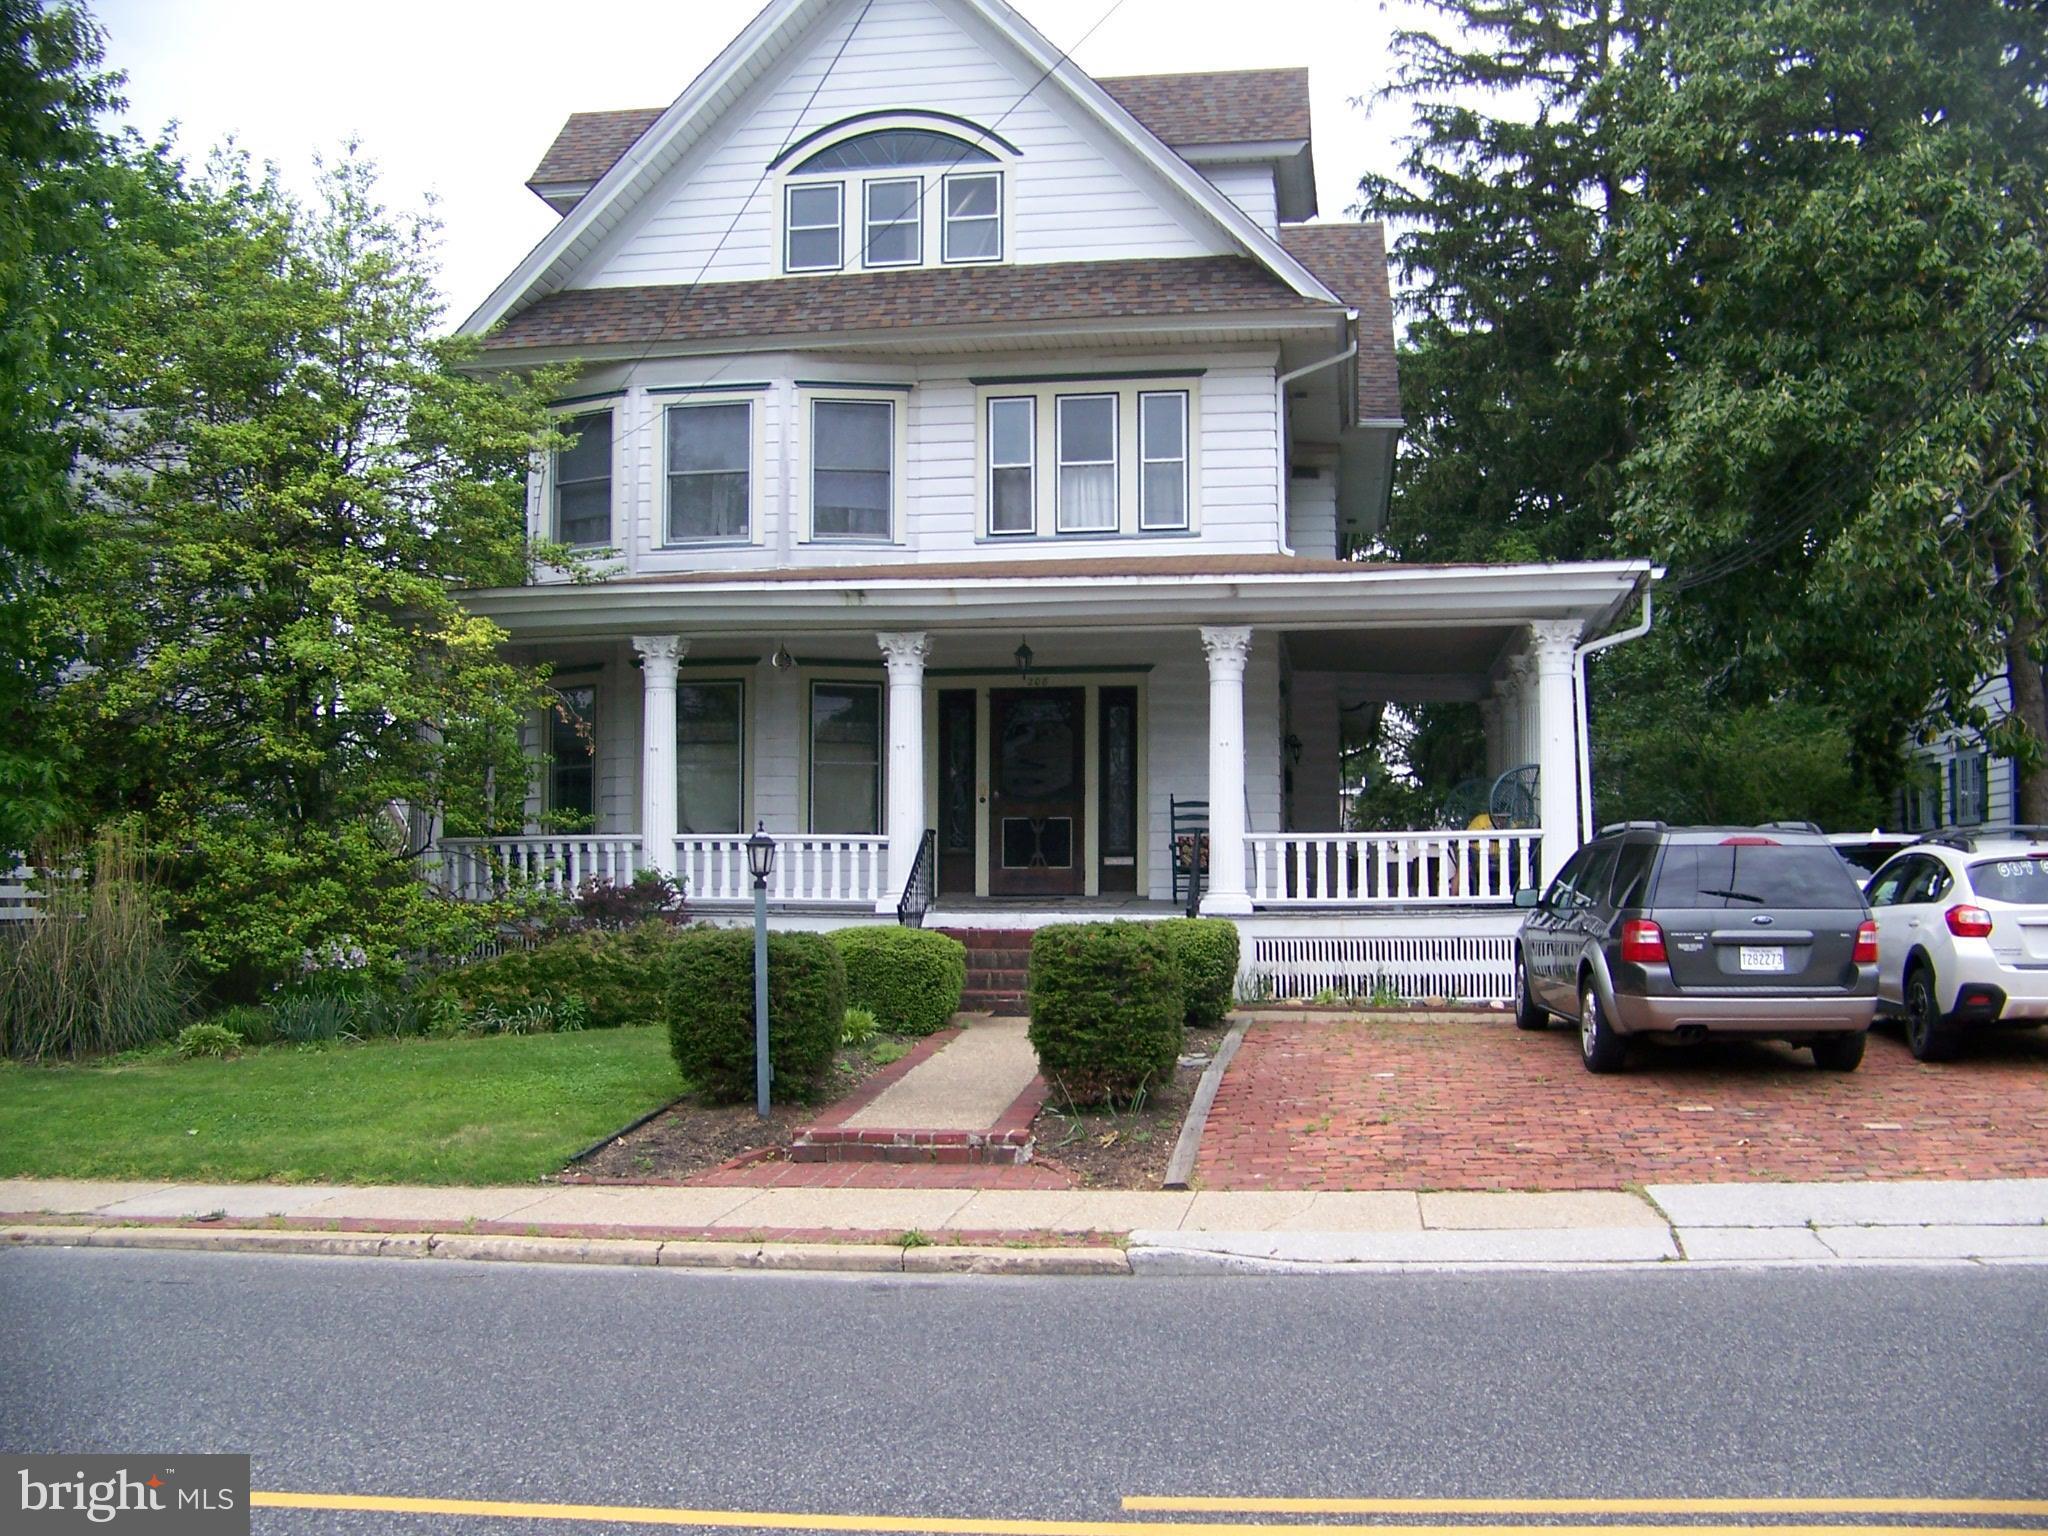 208 W HOLLY AVENUE, PITMAN, NJ 08071